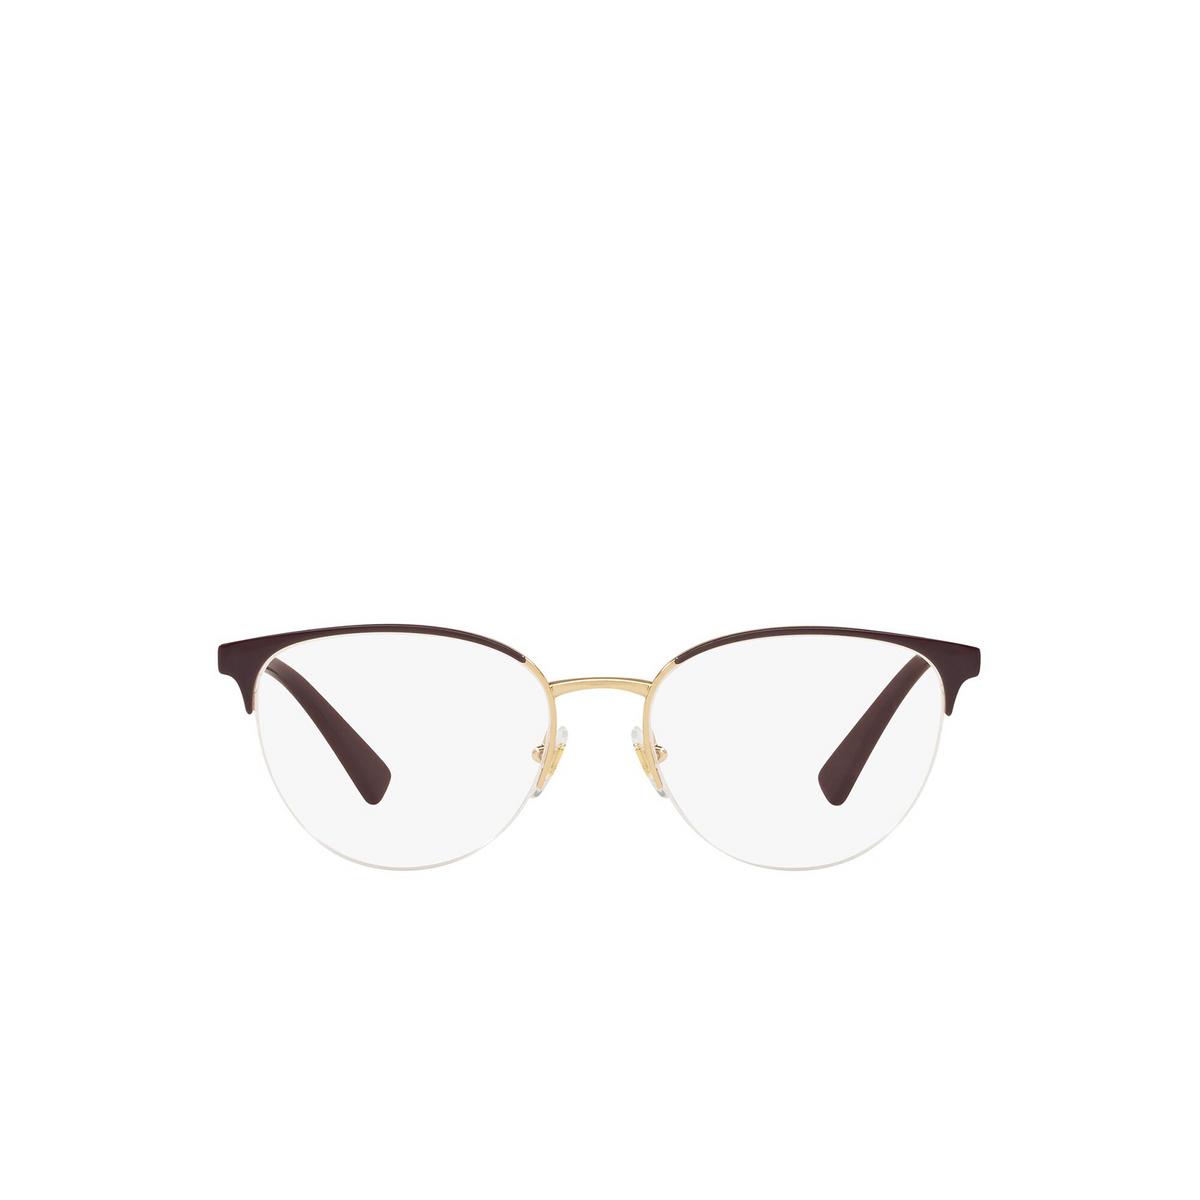 Versace® Round Eyeglasses: VE1247 color Violet / Gold 1418.